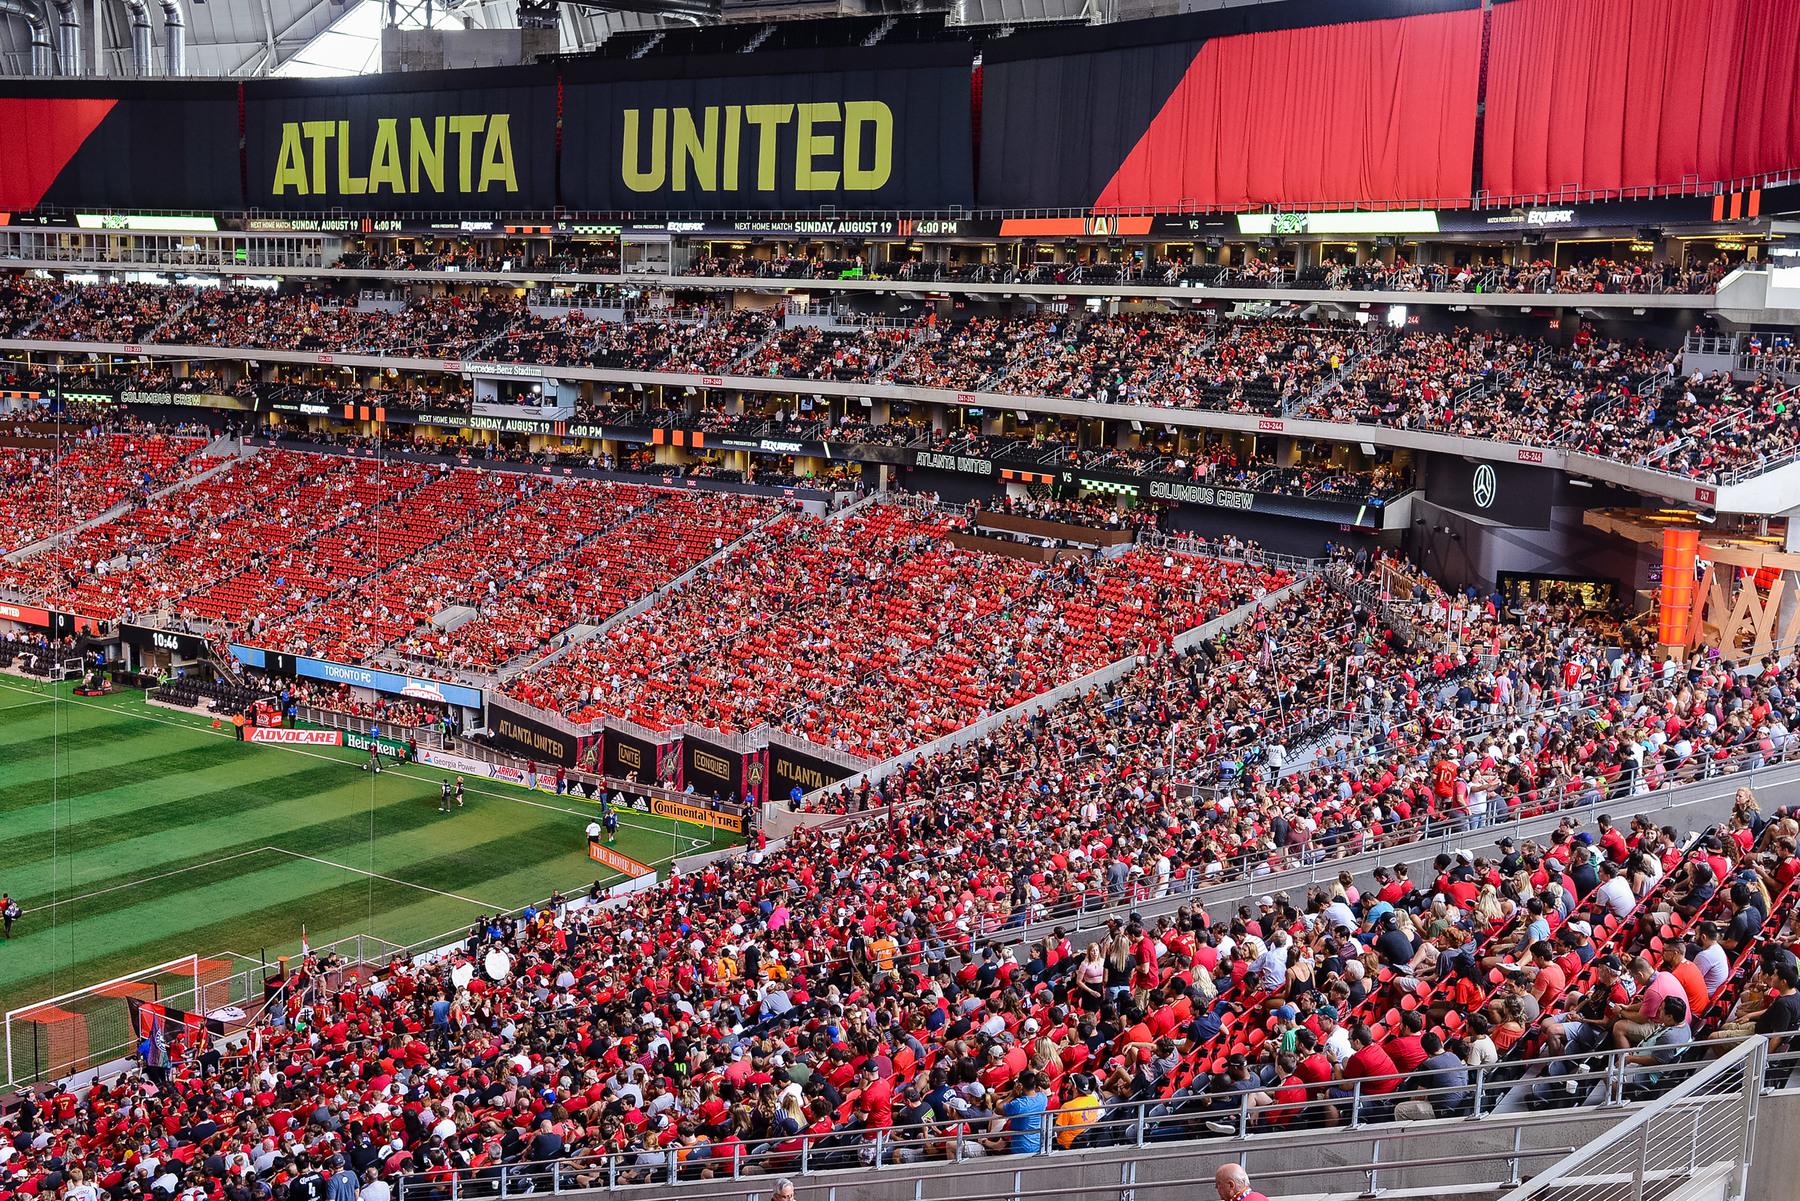 AtlantaUnitedSoccerGameCrowdMBS.jpg